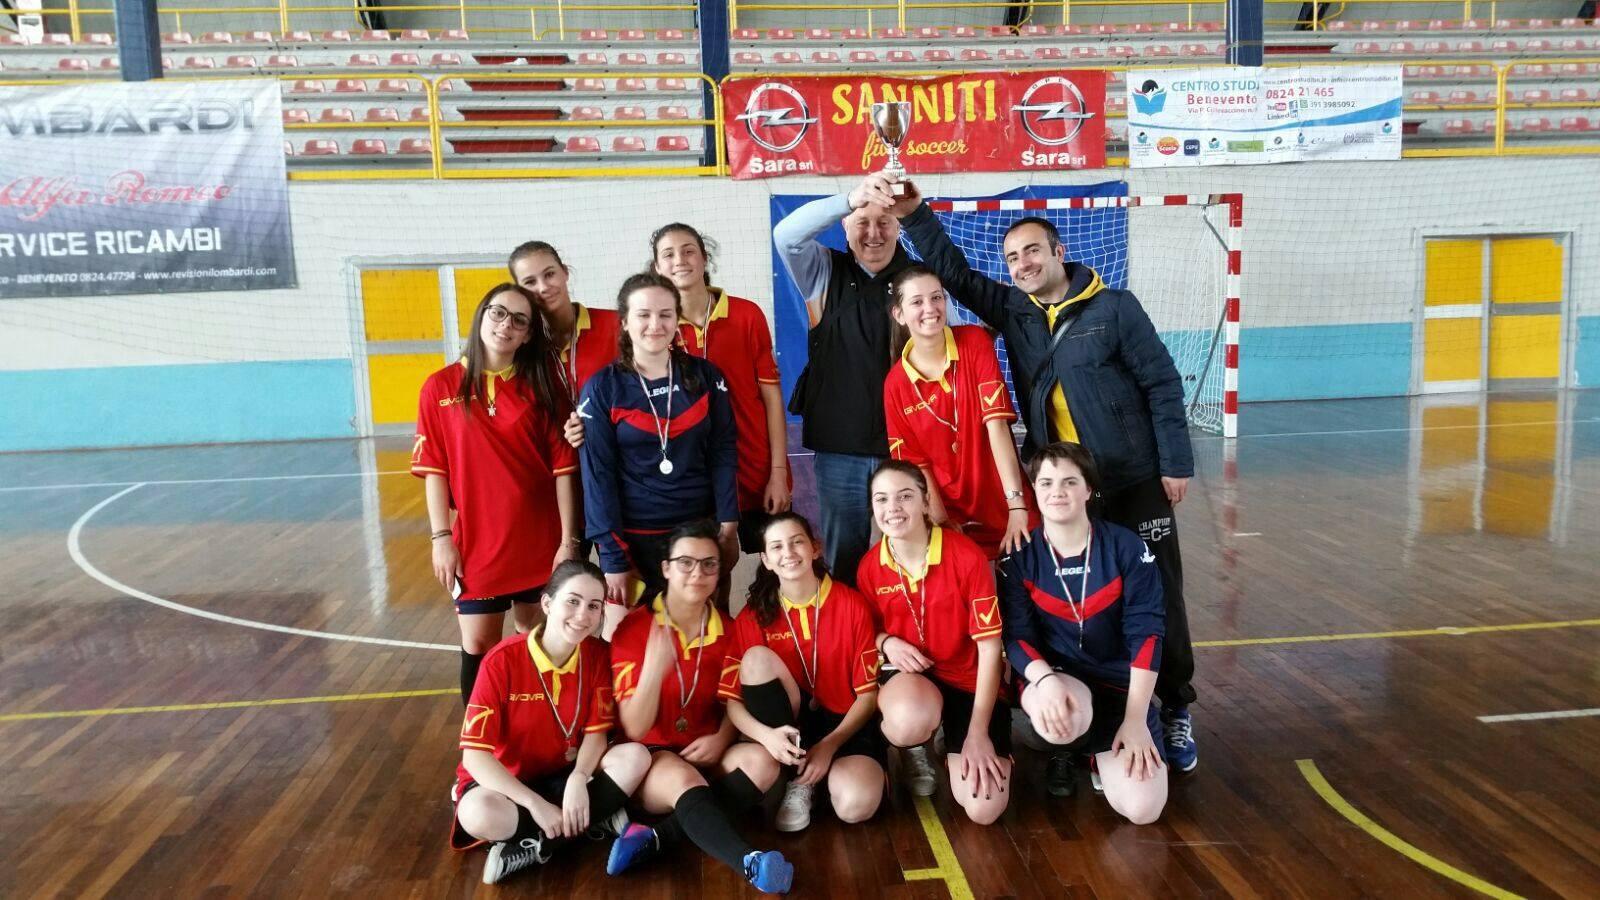 Campionati Sportivi Studenteschi: secondo posto per l'Istituto Fermi di Montesarchio.